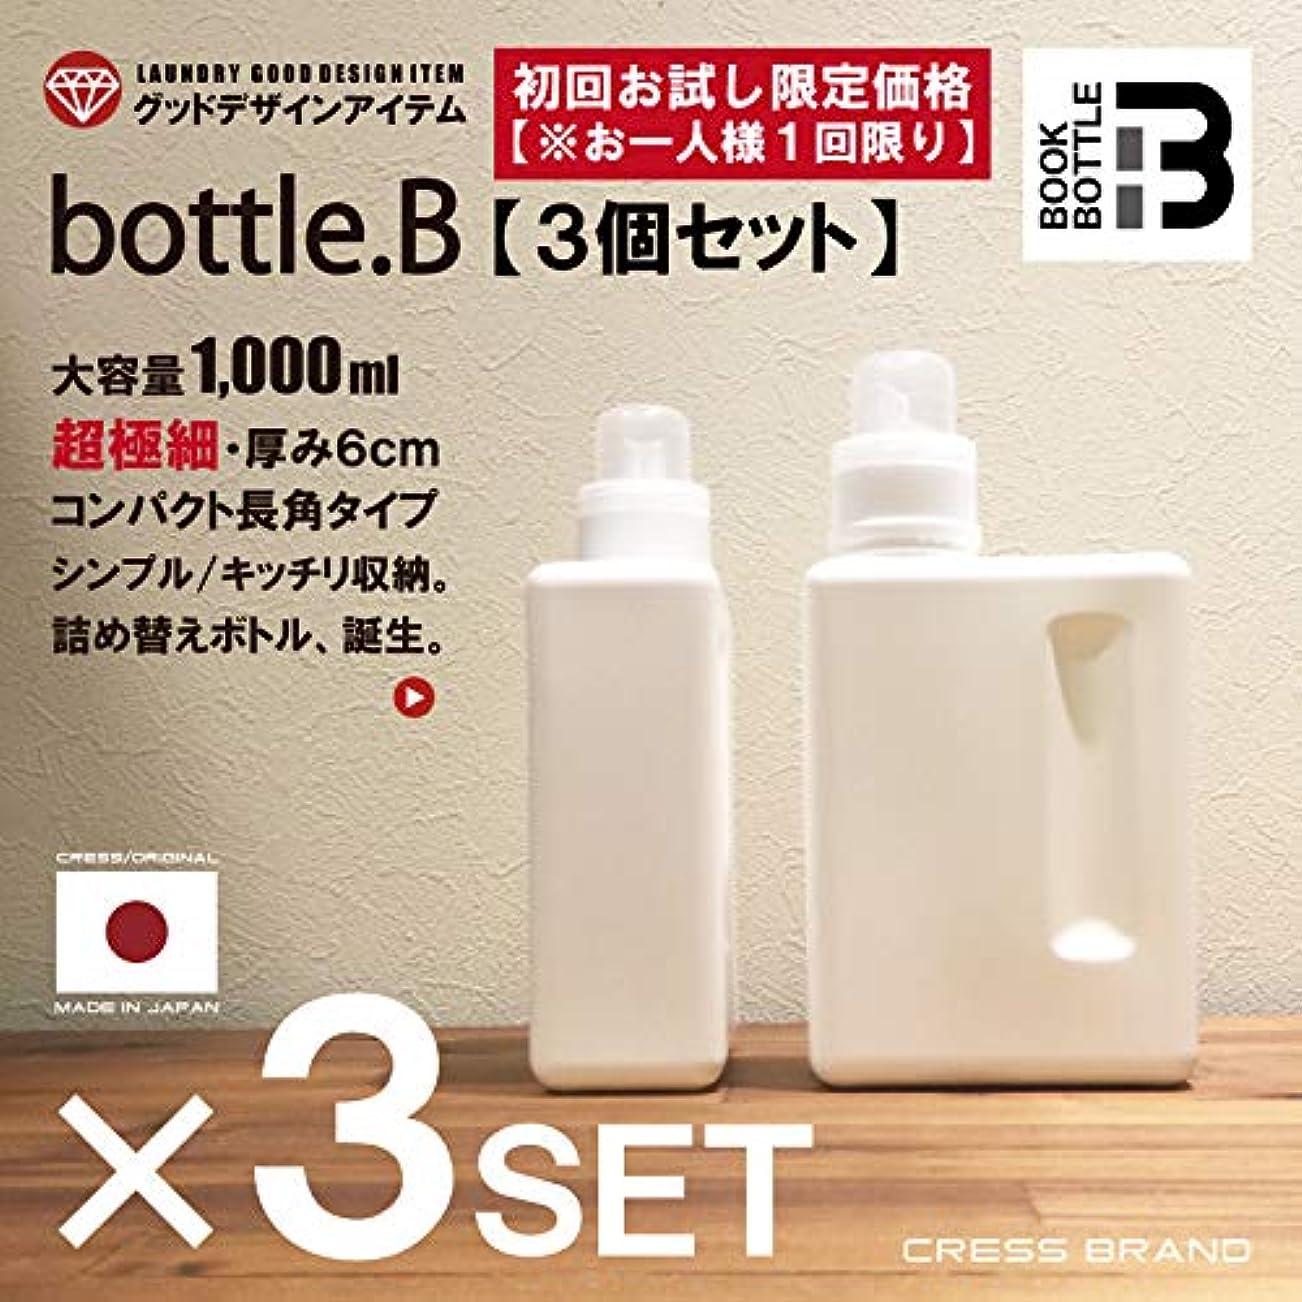 ハング友情ログ<3個セット>bottle.B-3set【初回お試し限定価格?お一人さ様1回限り】[クレス?オリジナルボトル]1000ml BOOK-BOTTLE